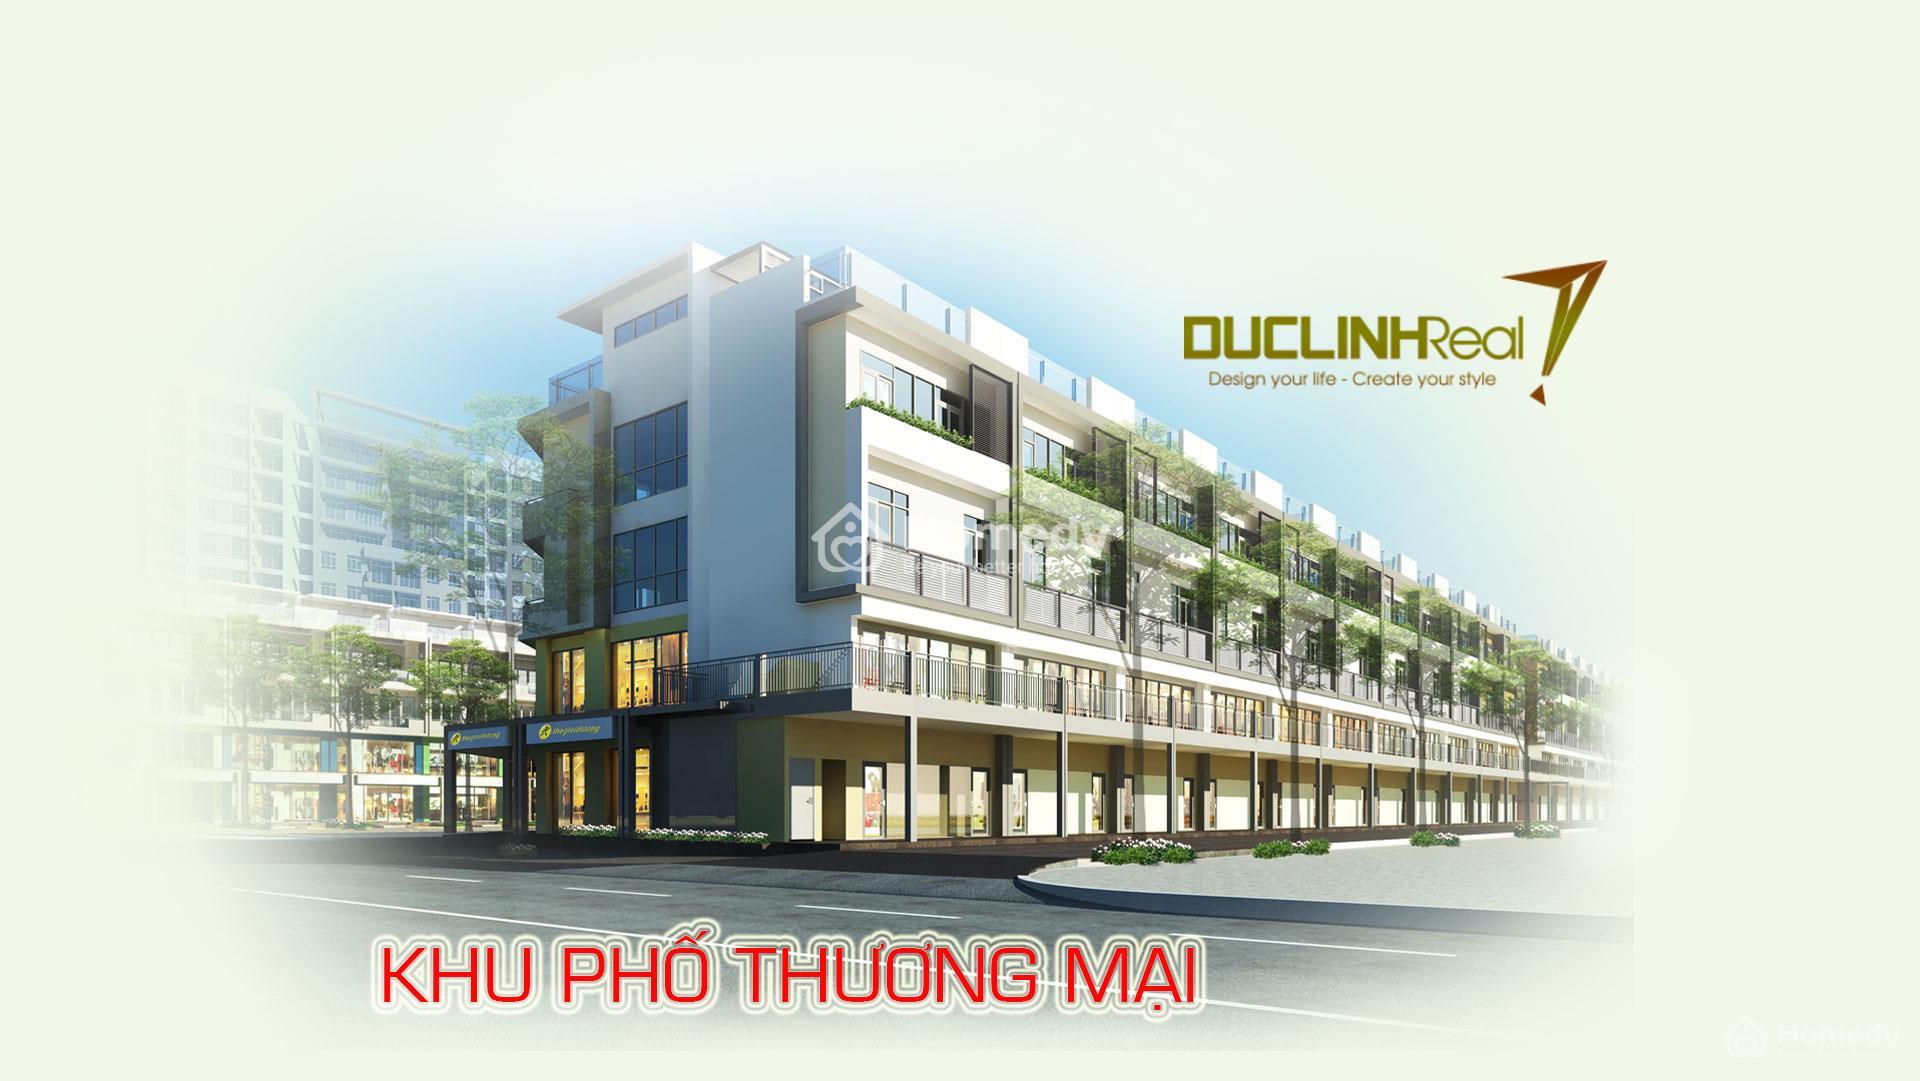 duc linh center